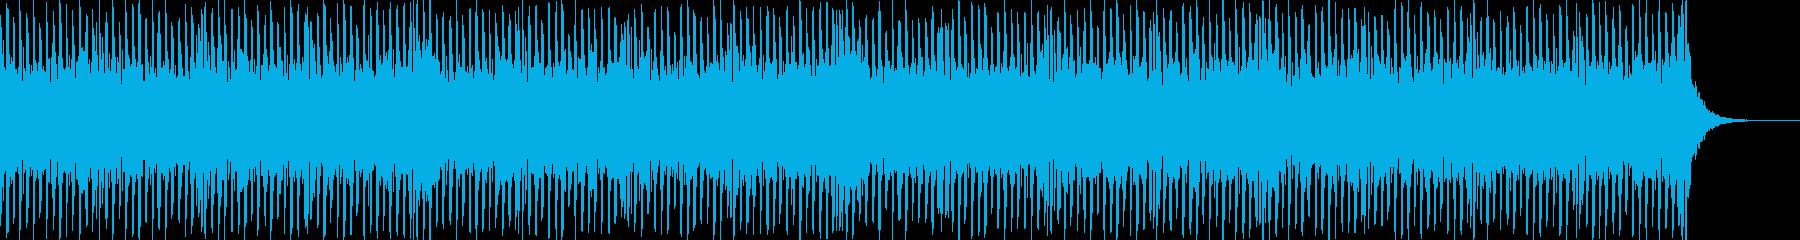 推理・解決・エンディング エレクトロニカの再生済みの波形